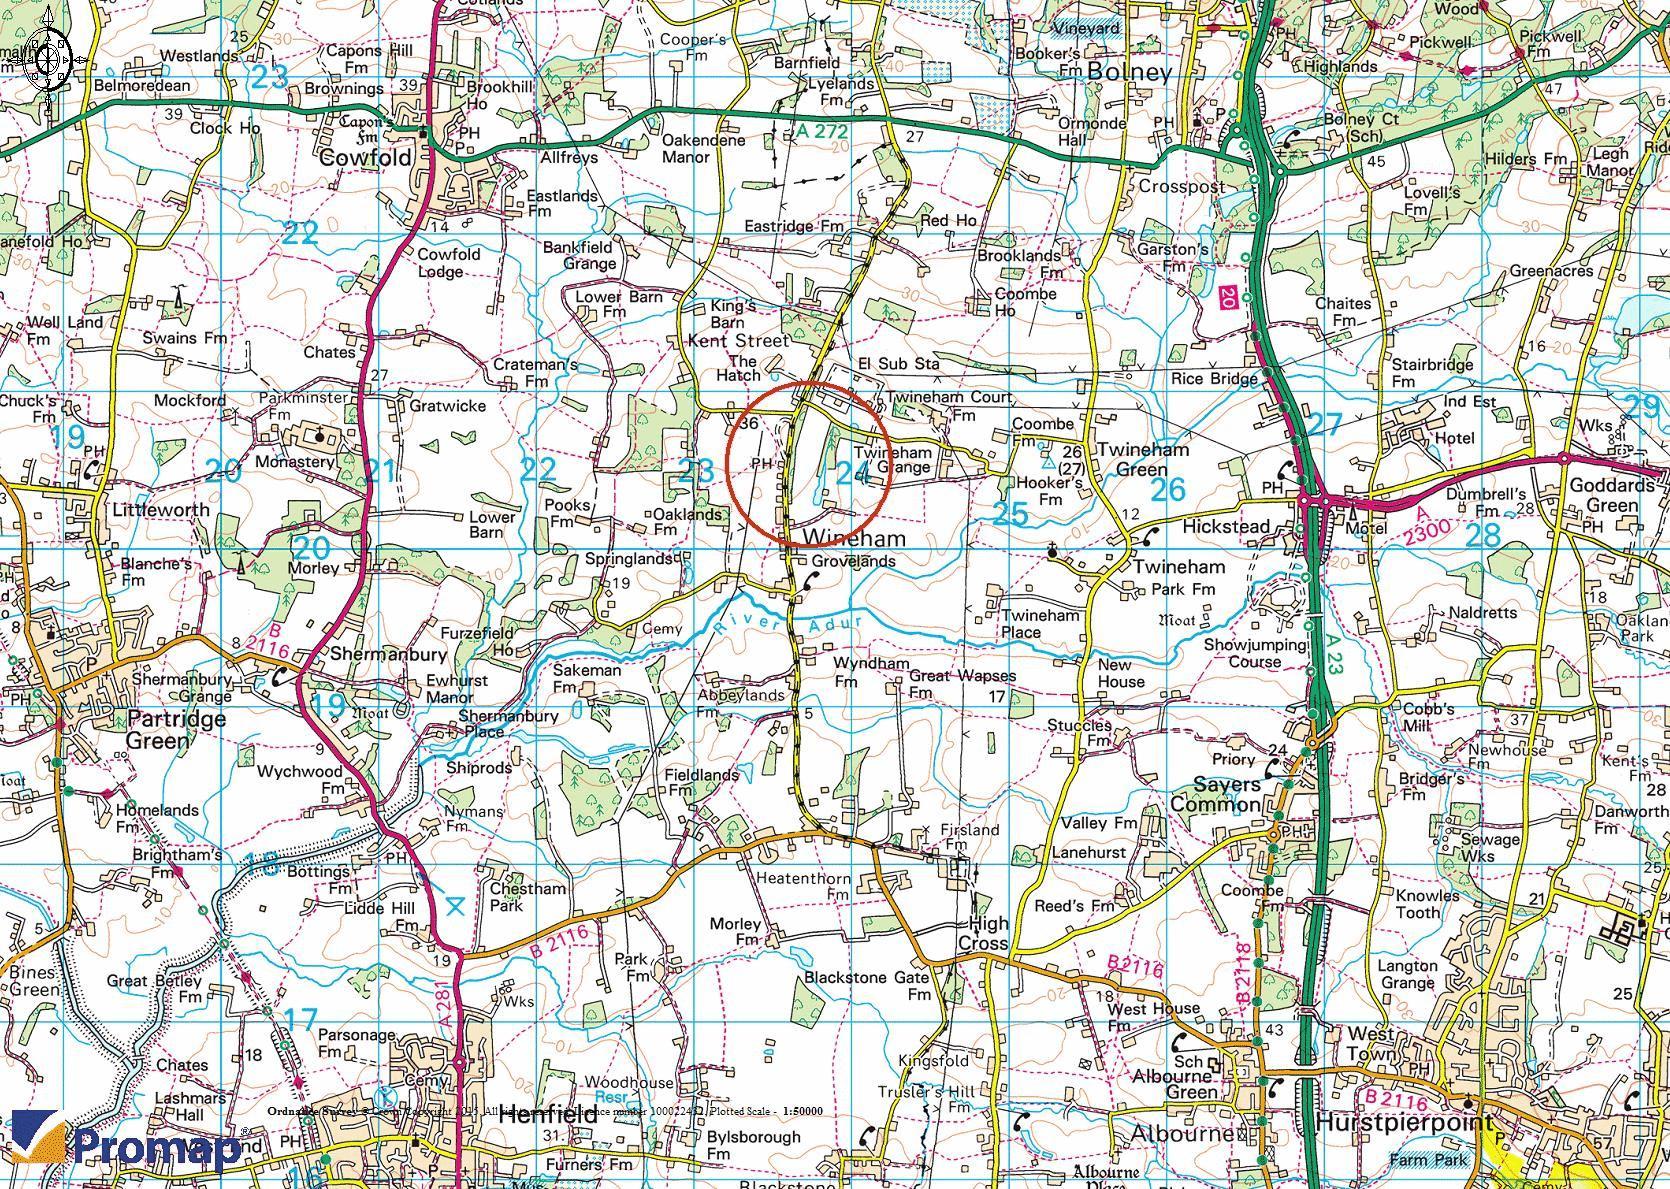 Wineham Lane Wineham